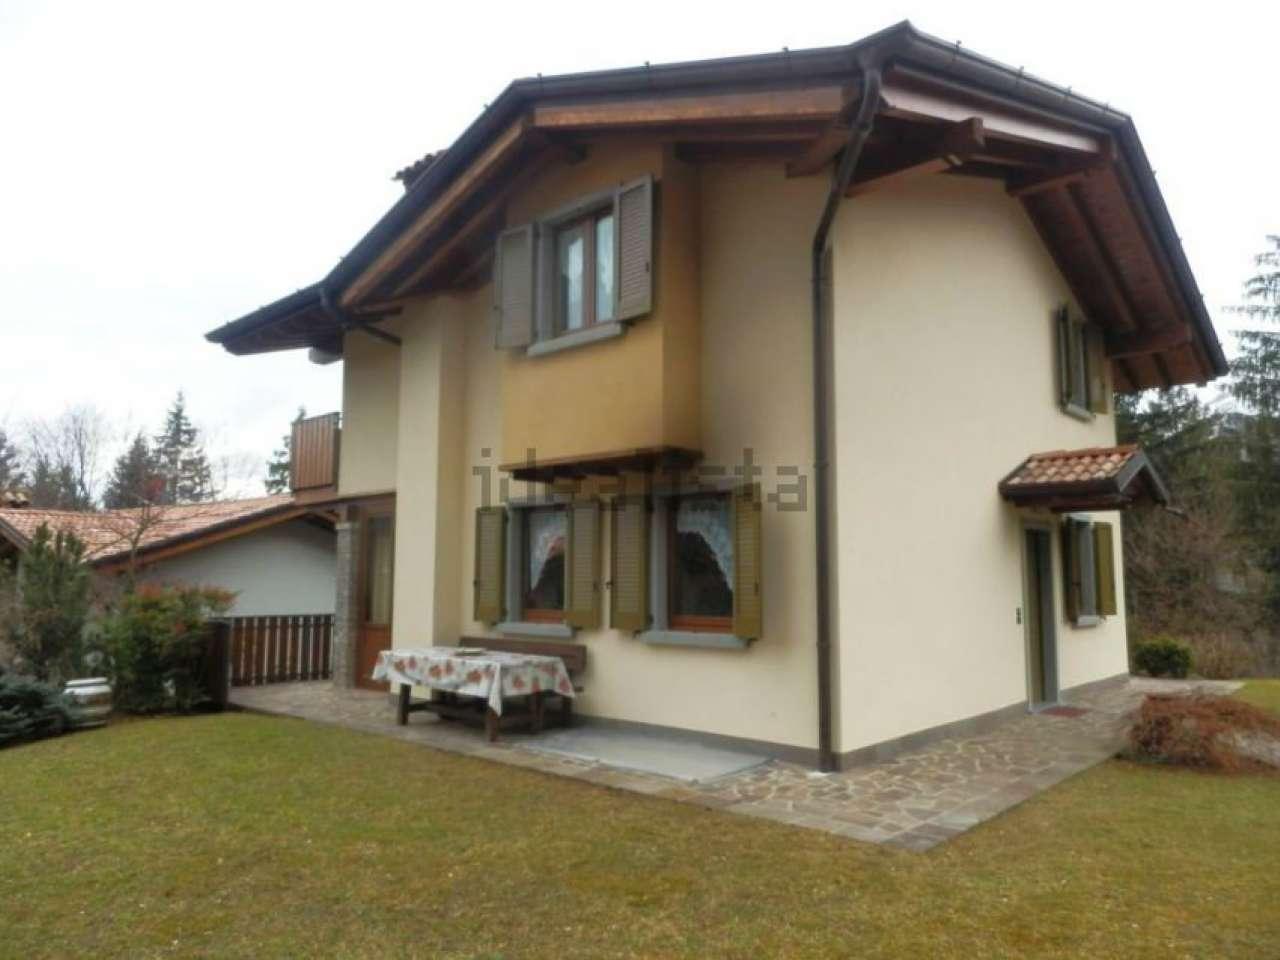 Villa in vendita a Castione della Presolana, 7 locali, prezzo € 460.000 | PortaleAgenzieImmobiliari.it